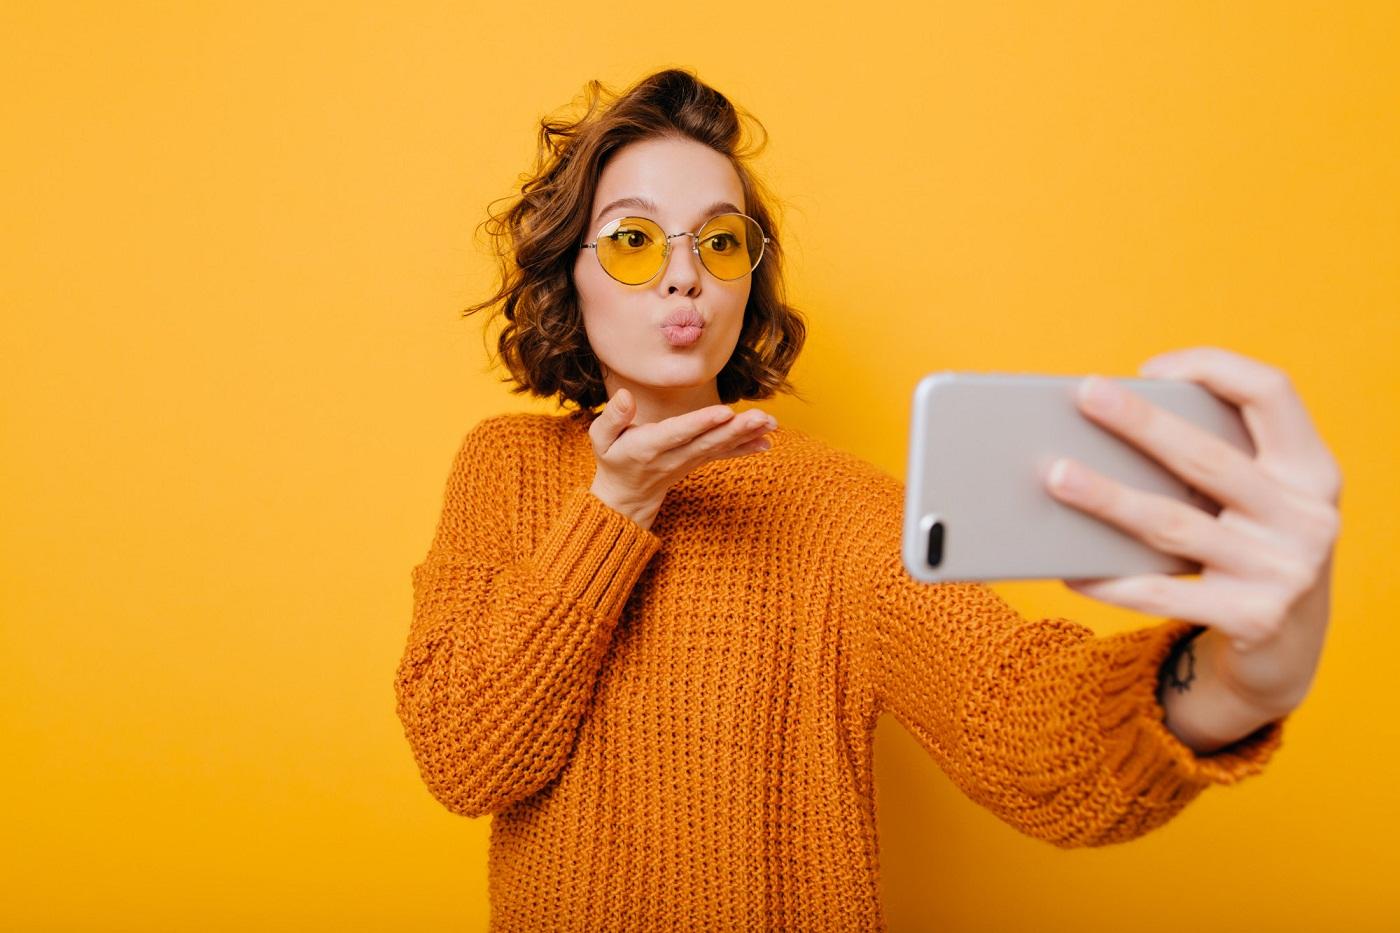 4 Essential Tips to Become a Social Media Influencer